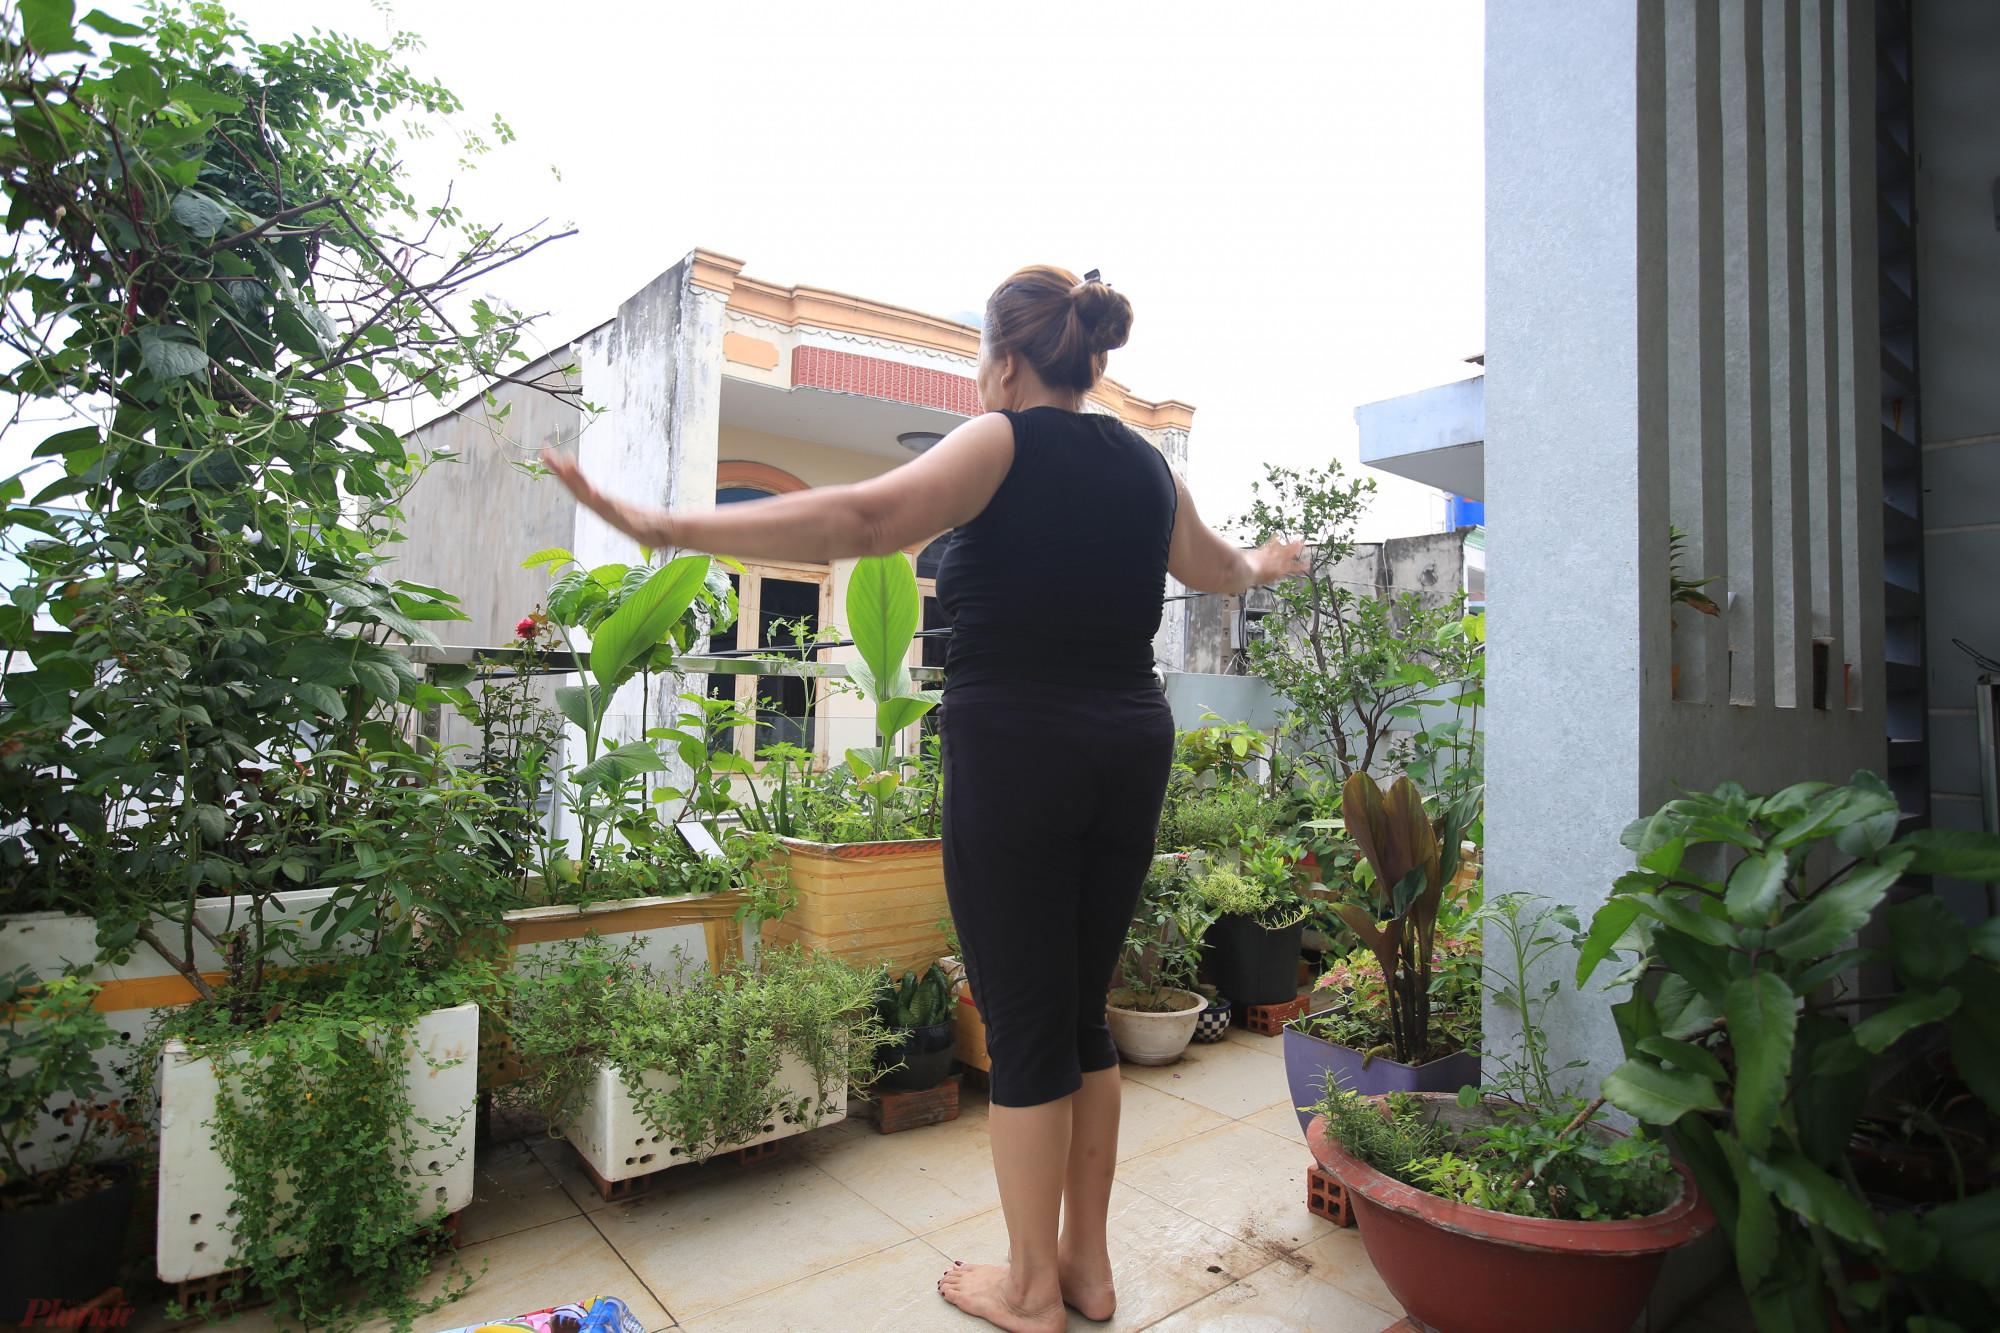 Niềm vui mỗi ngày của cô Bình bây giờ là tập thể dục buổi sáng, lau nhà, nấu cơm và gọi video cho bạn bè - Ảnh: PTN